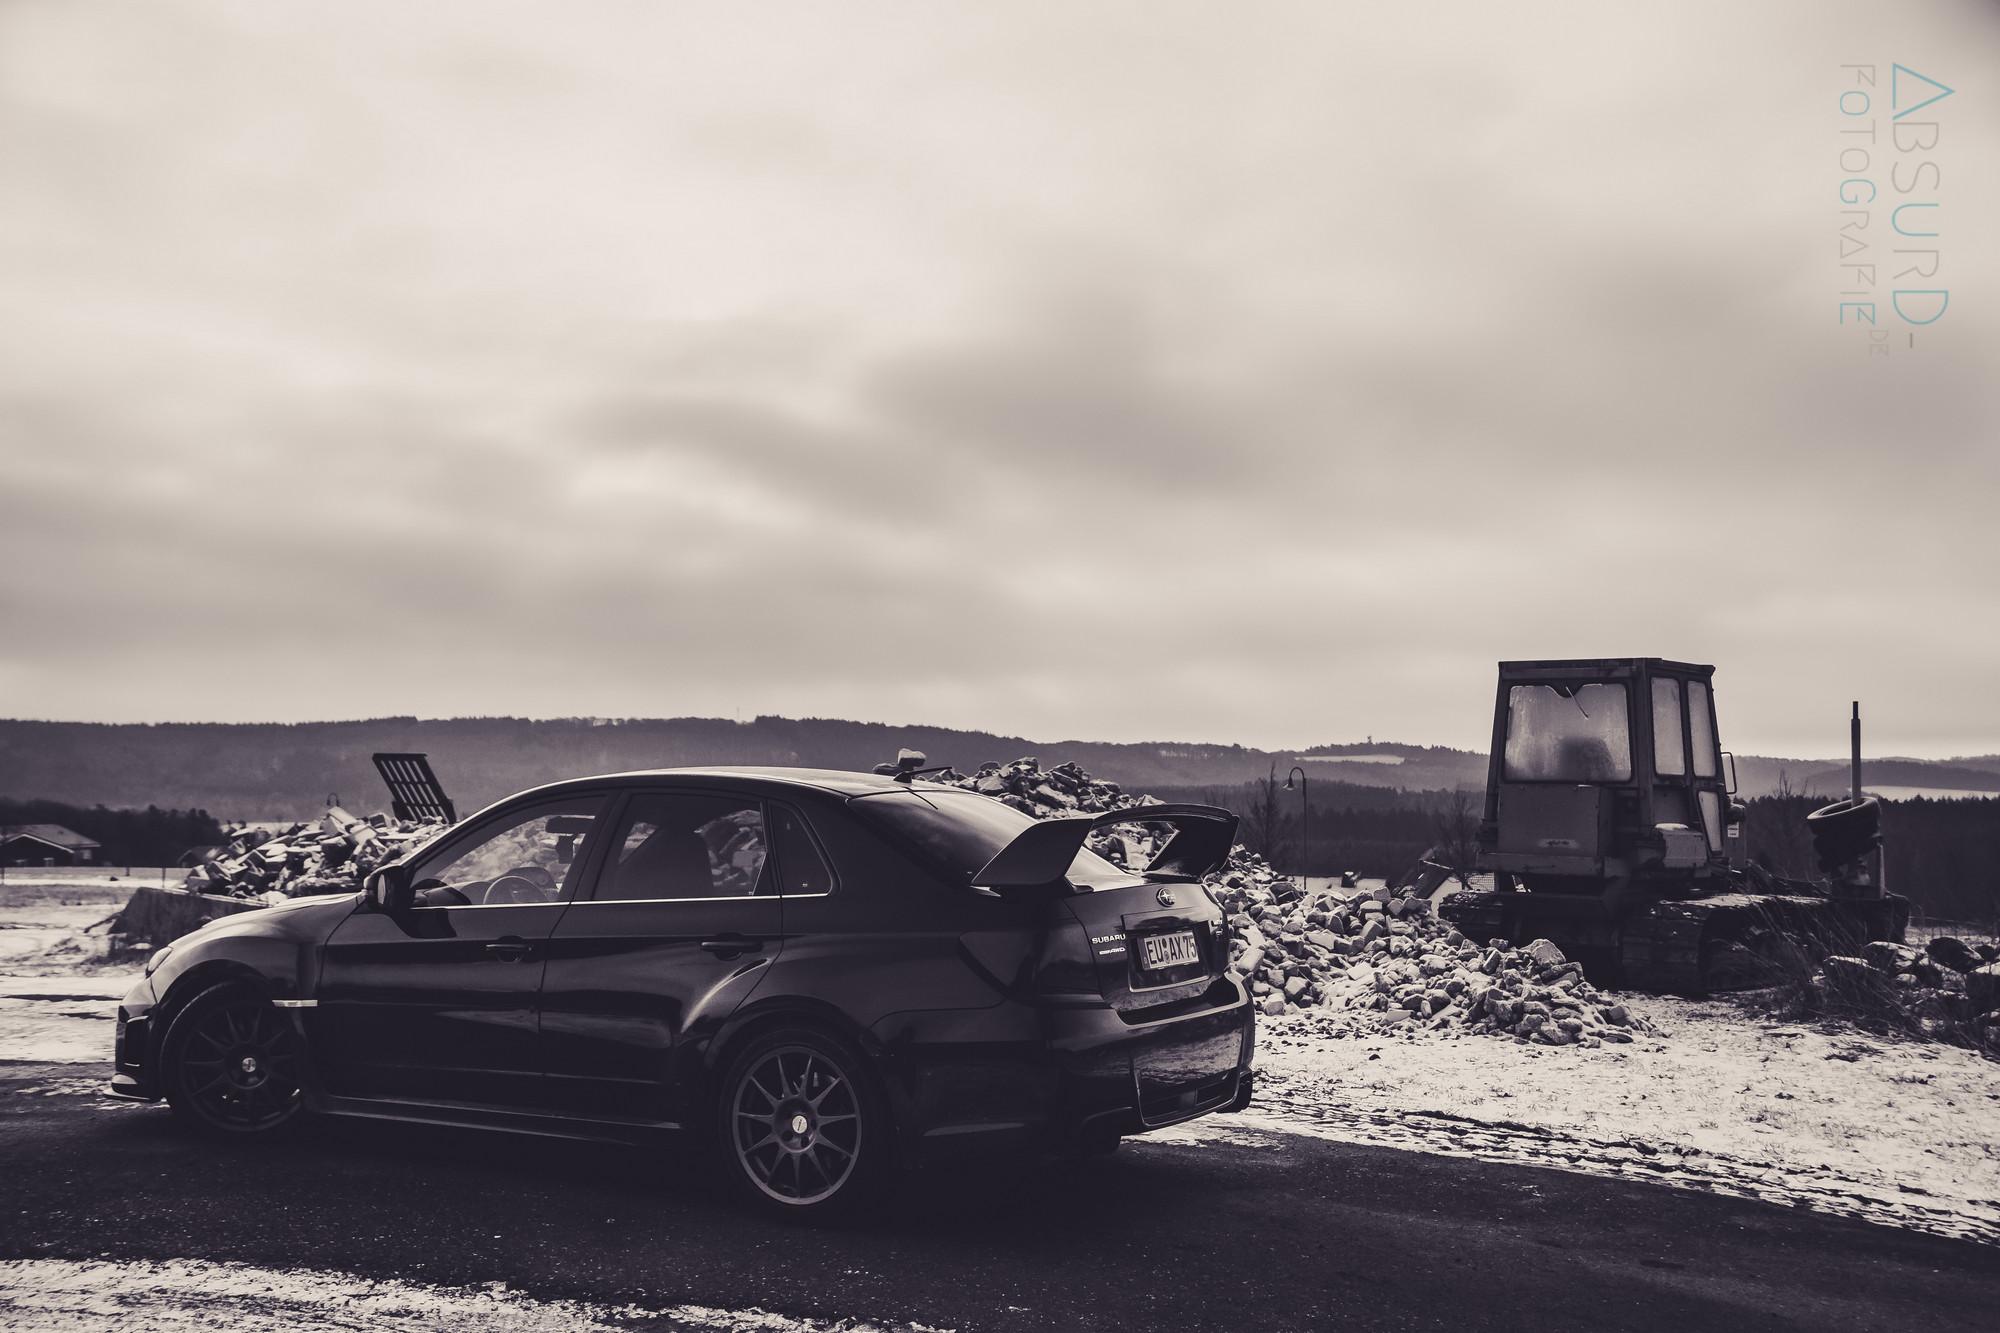 2019-01-20-Alex-Subaru-STI - DSC01936-00053-lredit-_tn.jpg